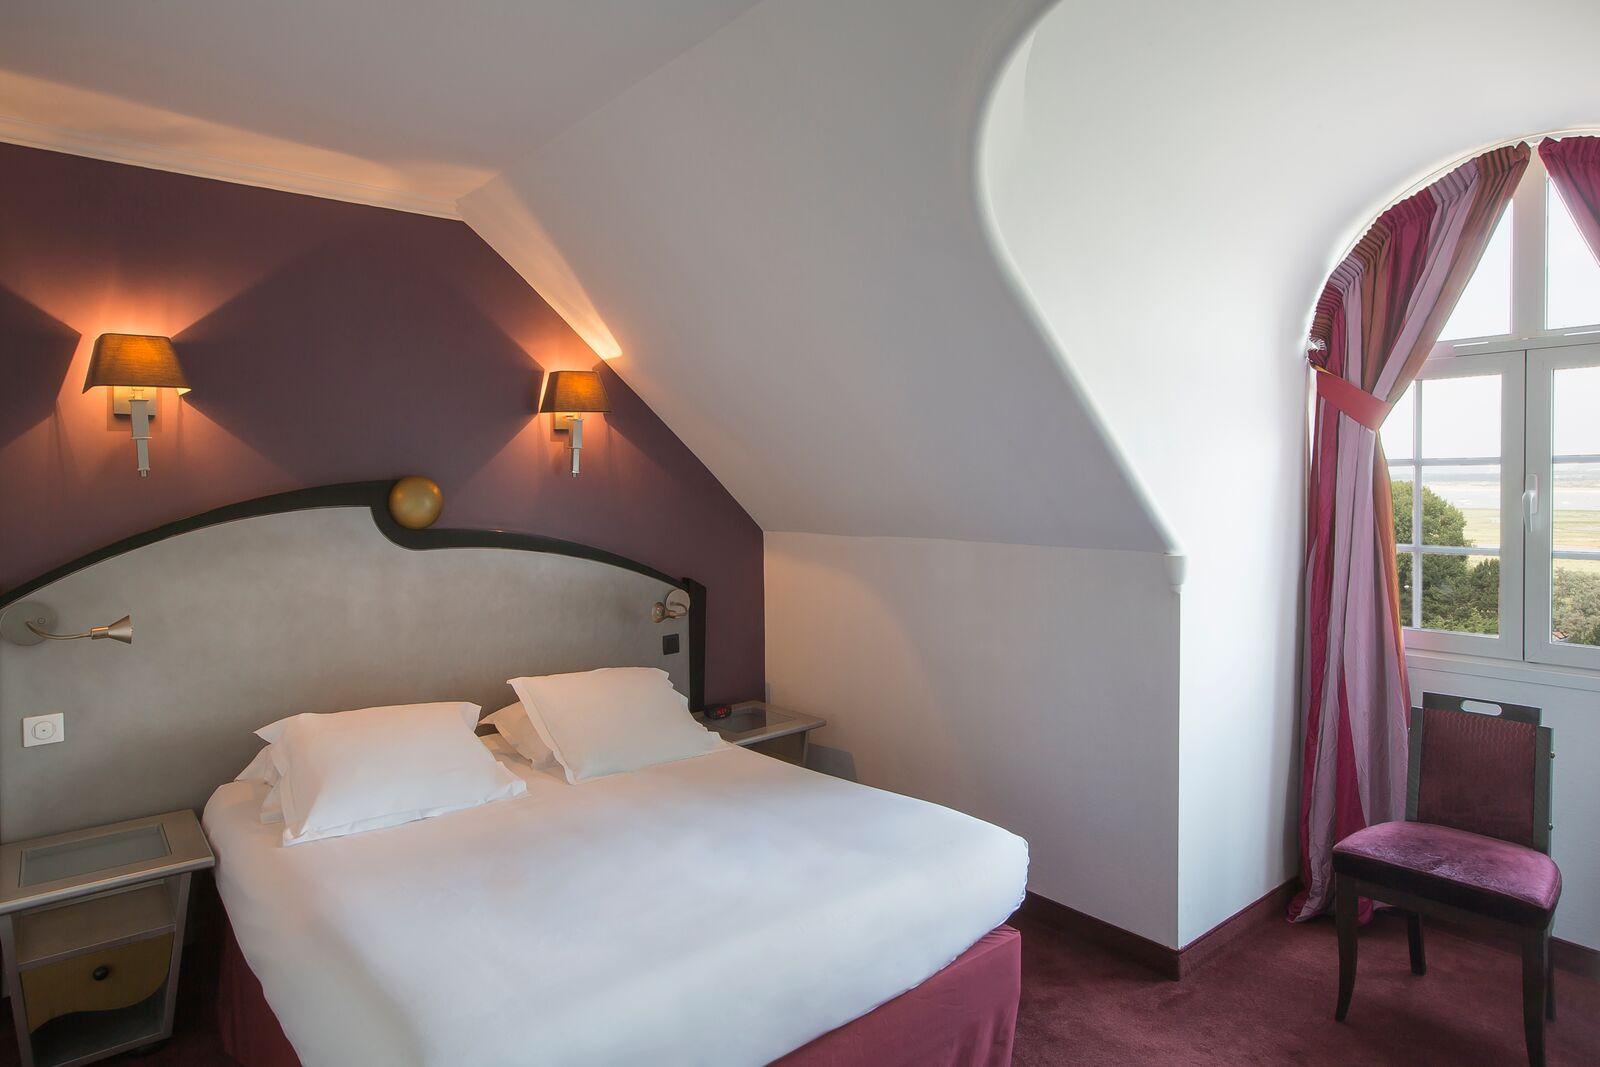 Best Western Le Grand Hotel Le Touquet